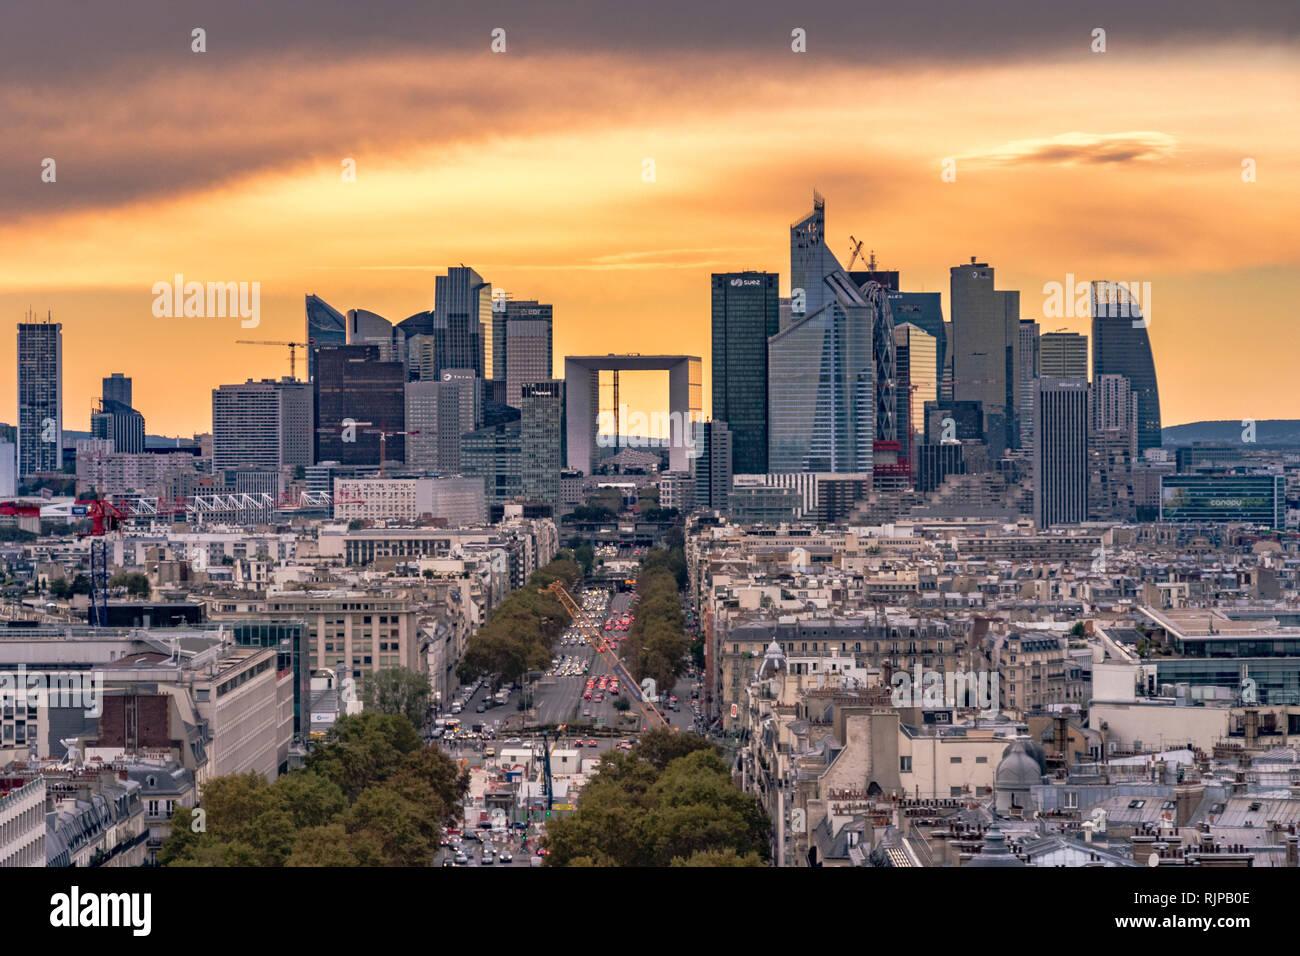 Die Wolkenkratzer von La Défense, ein hohes Ziel business district vom Dach des Arc de Triomphe bei Sonnenuntergang gesehen gebaut, Paris Stockbild